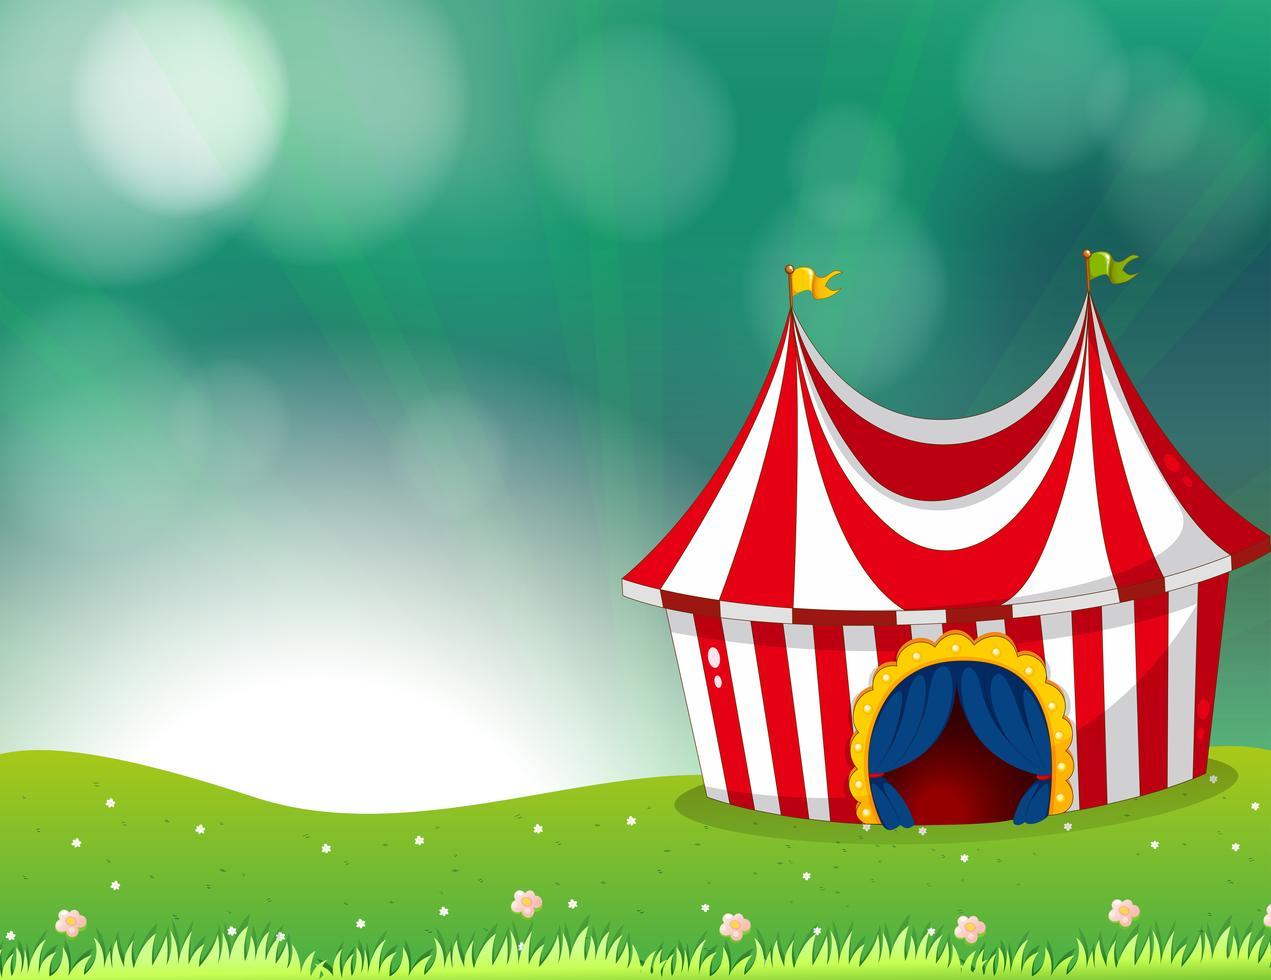 Circus themed slot machine